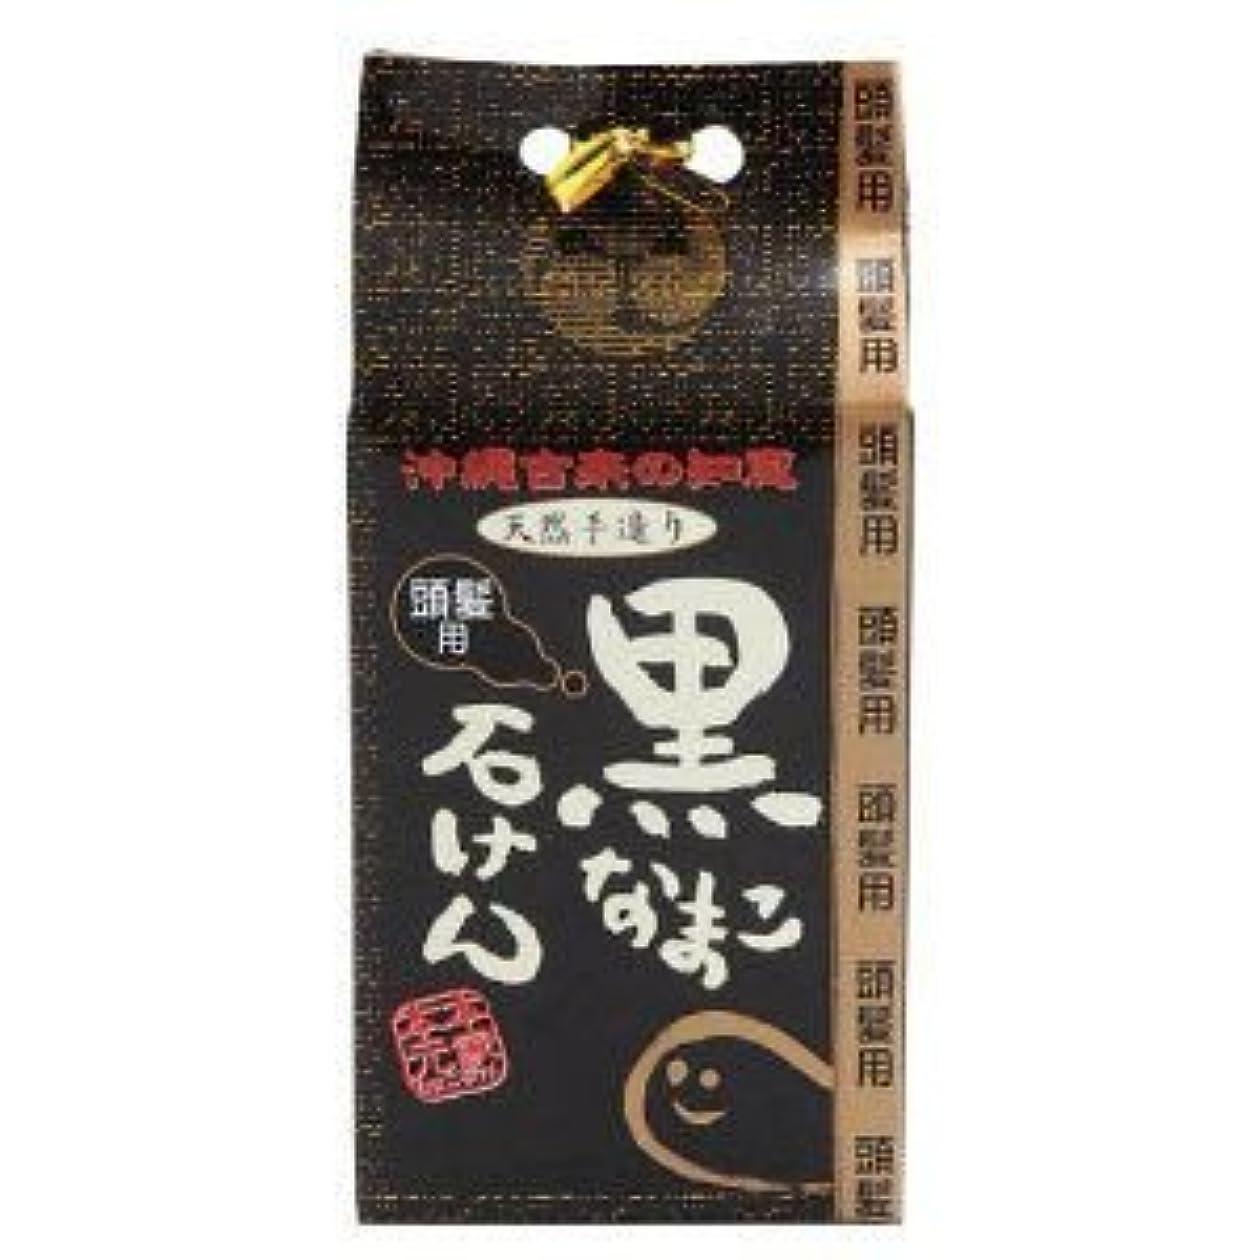 不一致適度にポップ黒なまこ石けん 90g  2個セット ※素材のひとつひとつにこだわった石鹸シャンプーです。